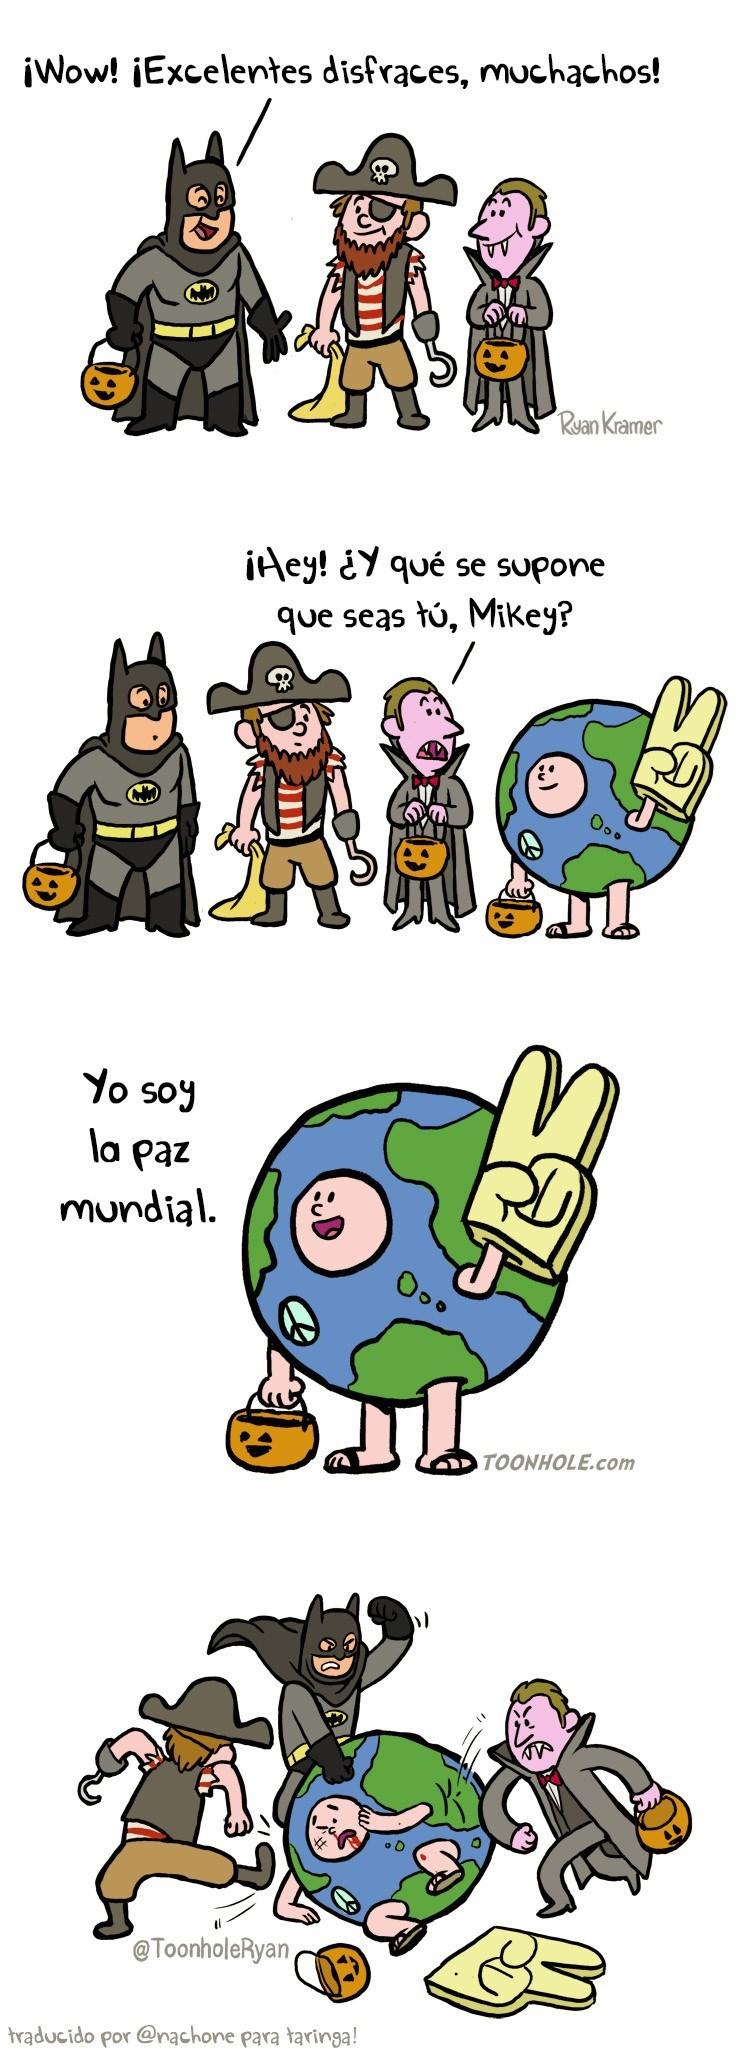 comic sobre la paz mundial